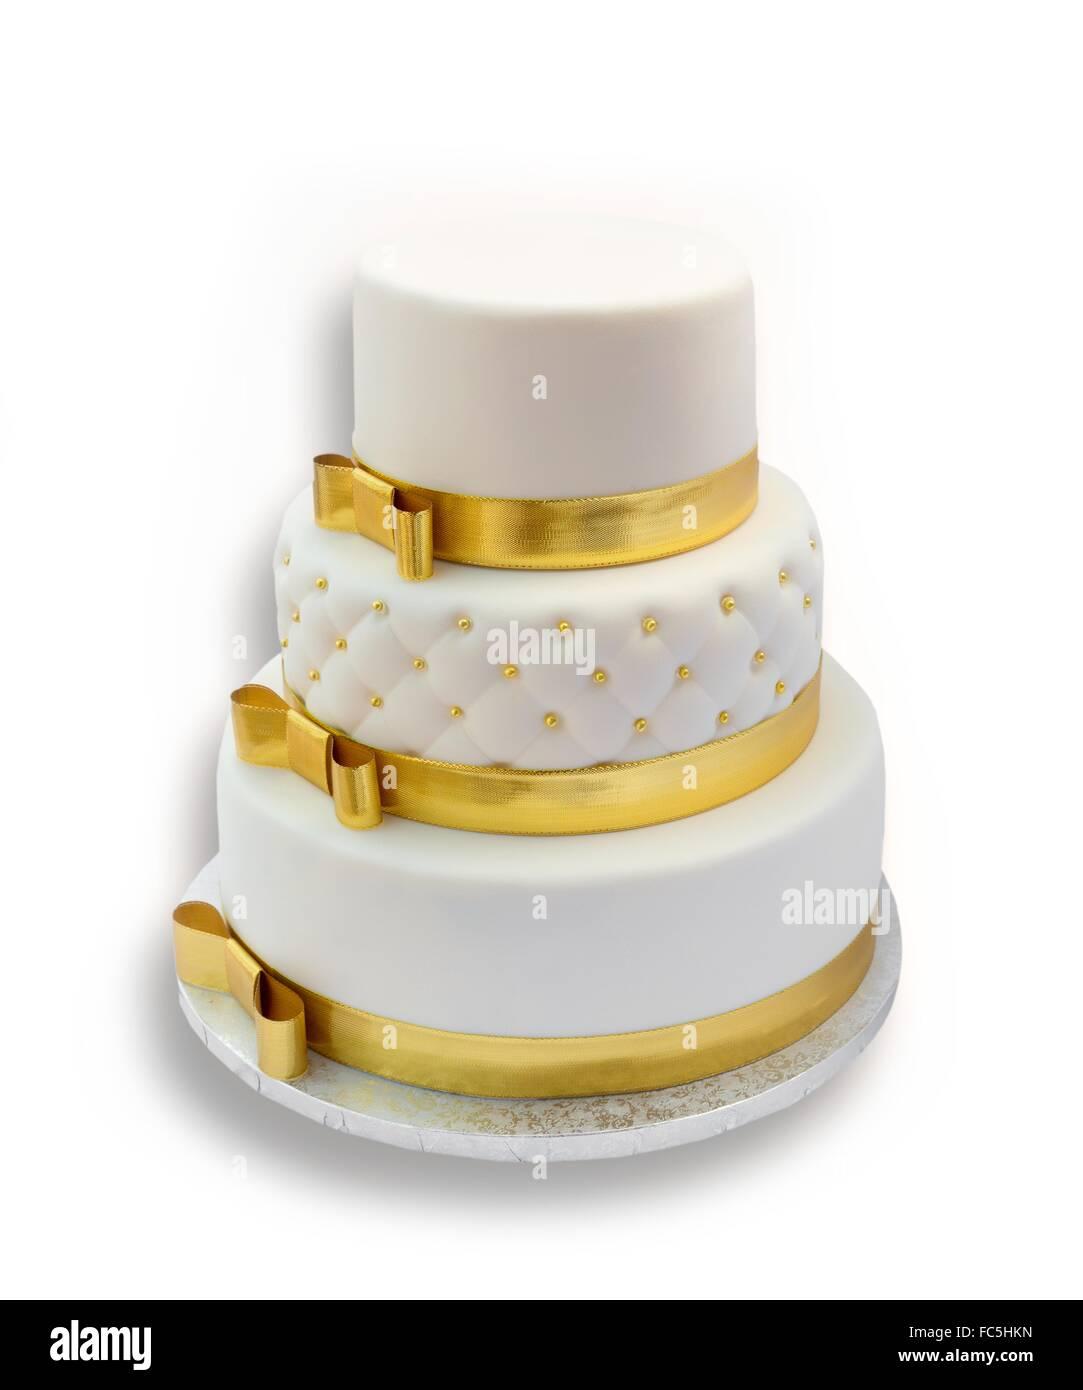 Gold Wedding Cake Stock Photos & Gold Wedding Cake Stock Images - Alamy